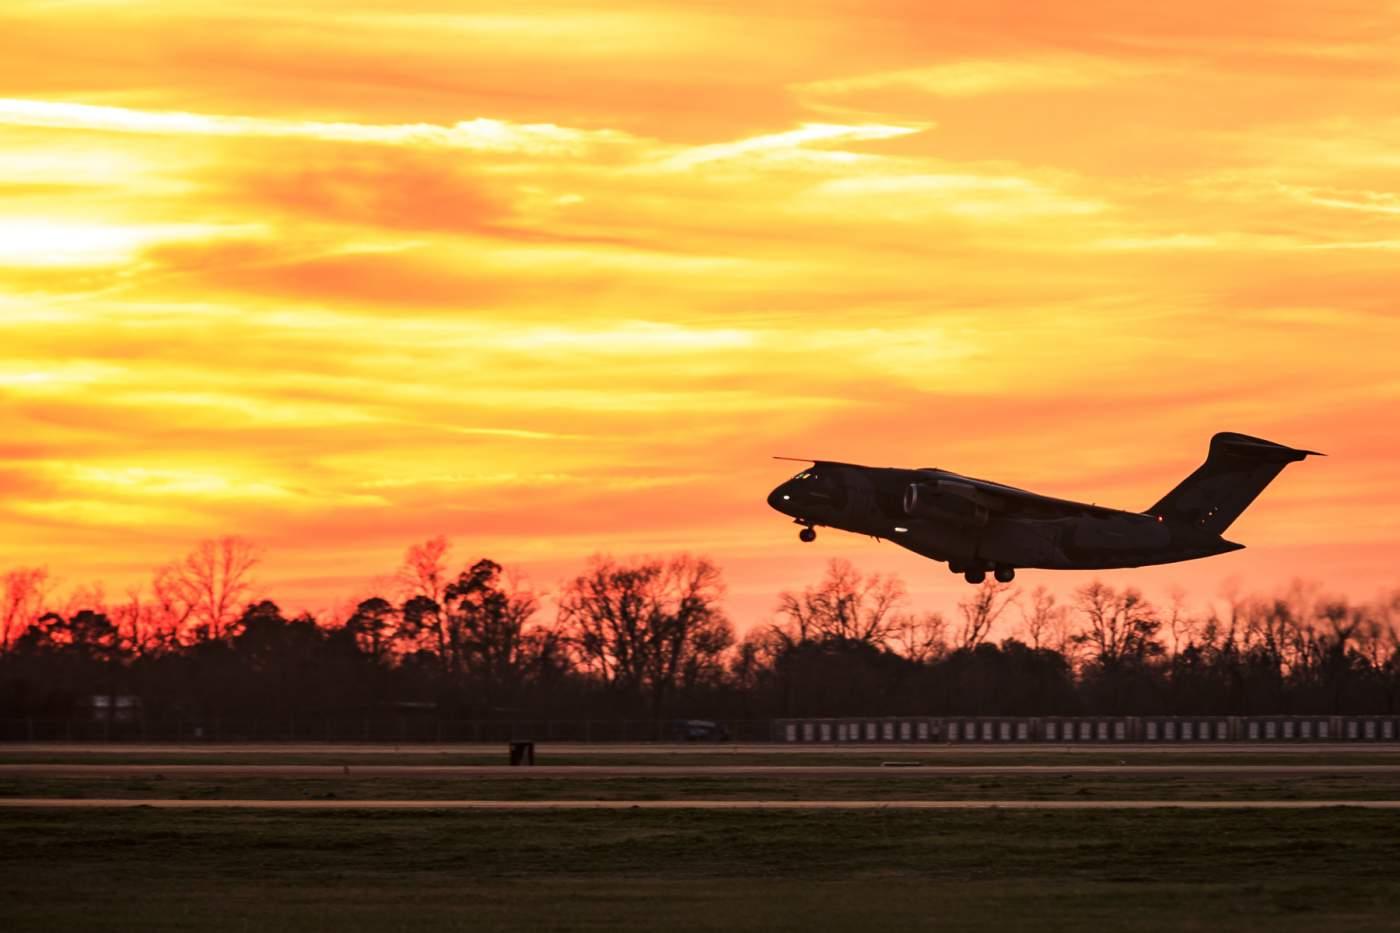 FAB KC-390